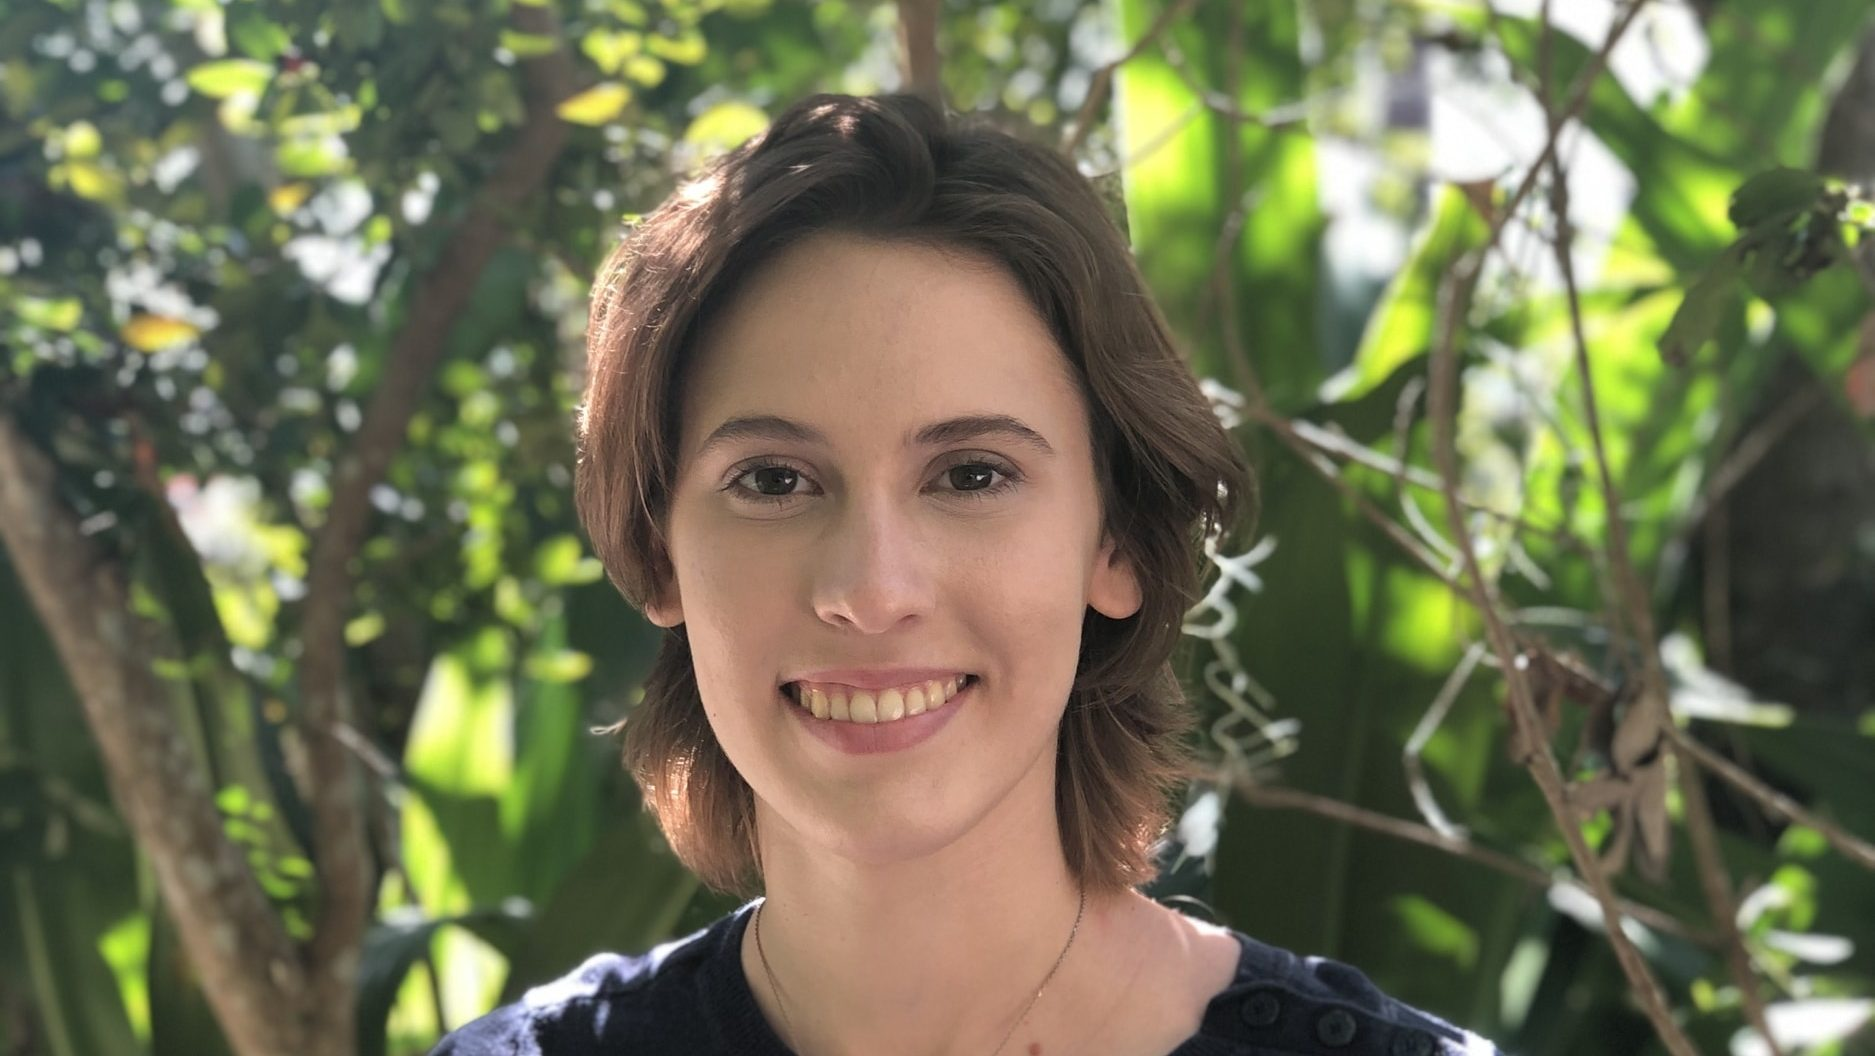 Headshot of Sarah Ortiz-Monasterio